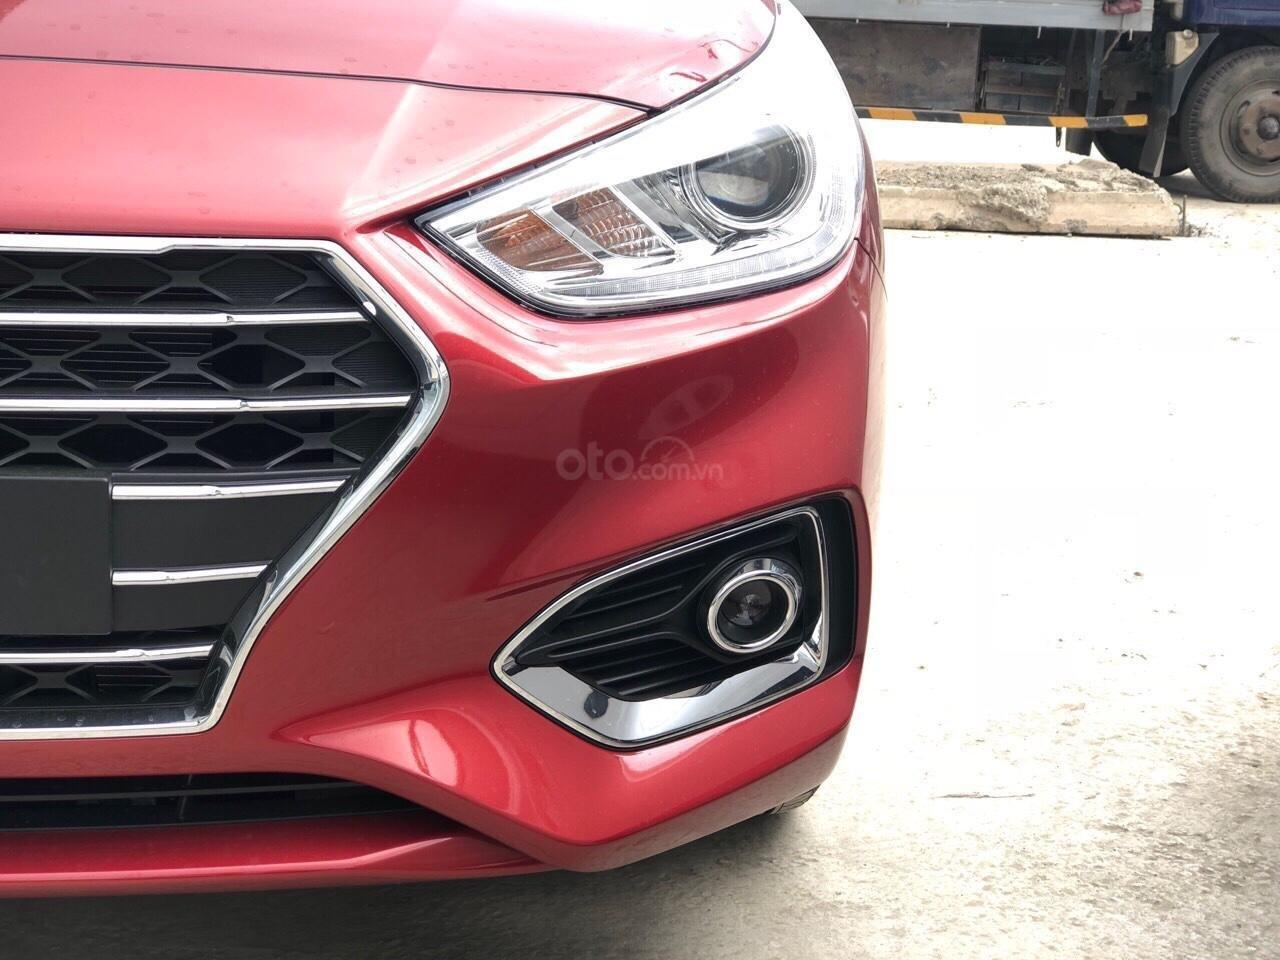 Hyundai Accent năm 2020, sẵn xe đủ màu giao ngay các bản - trả góp lên đến 85% giá trị xe - mua xe giá tốt nhất tại đây (7)